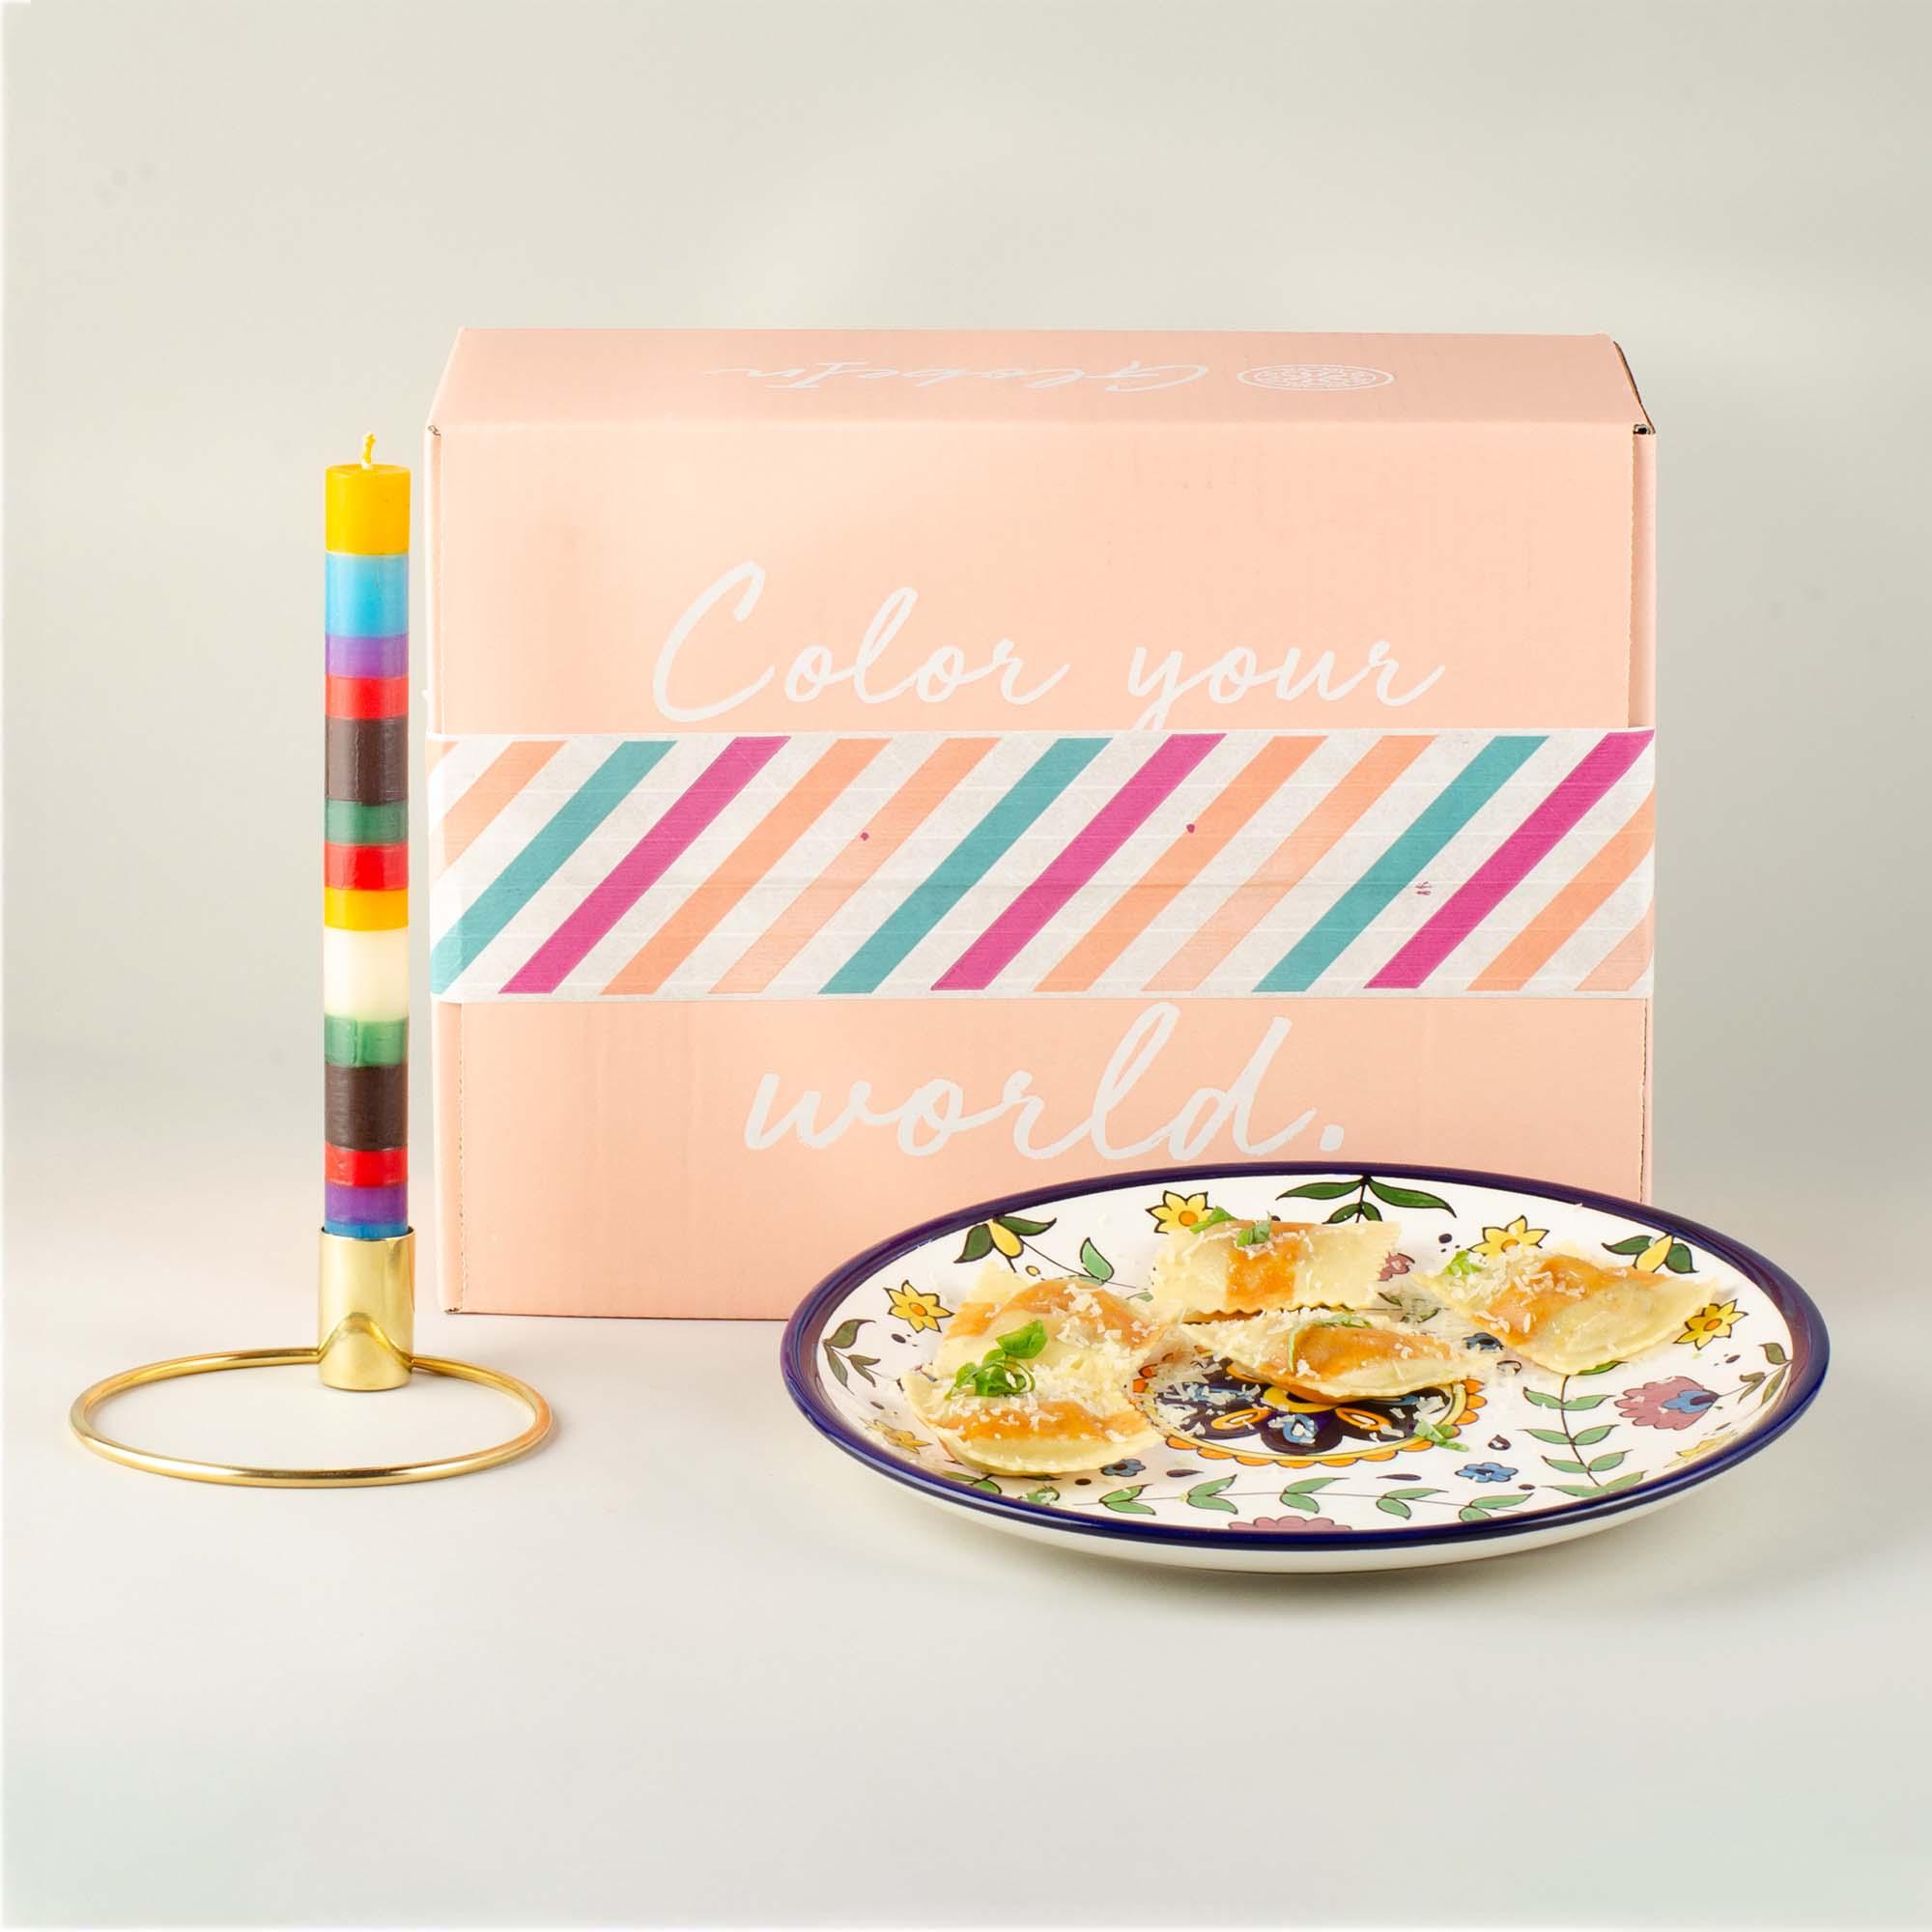 GlobeIn March Banquet Box